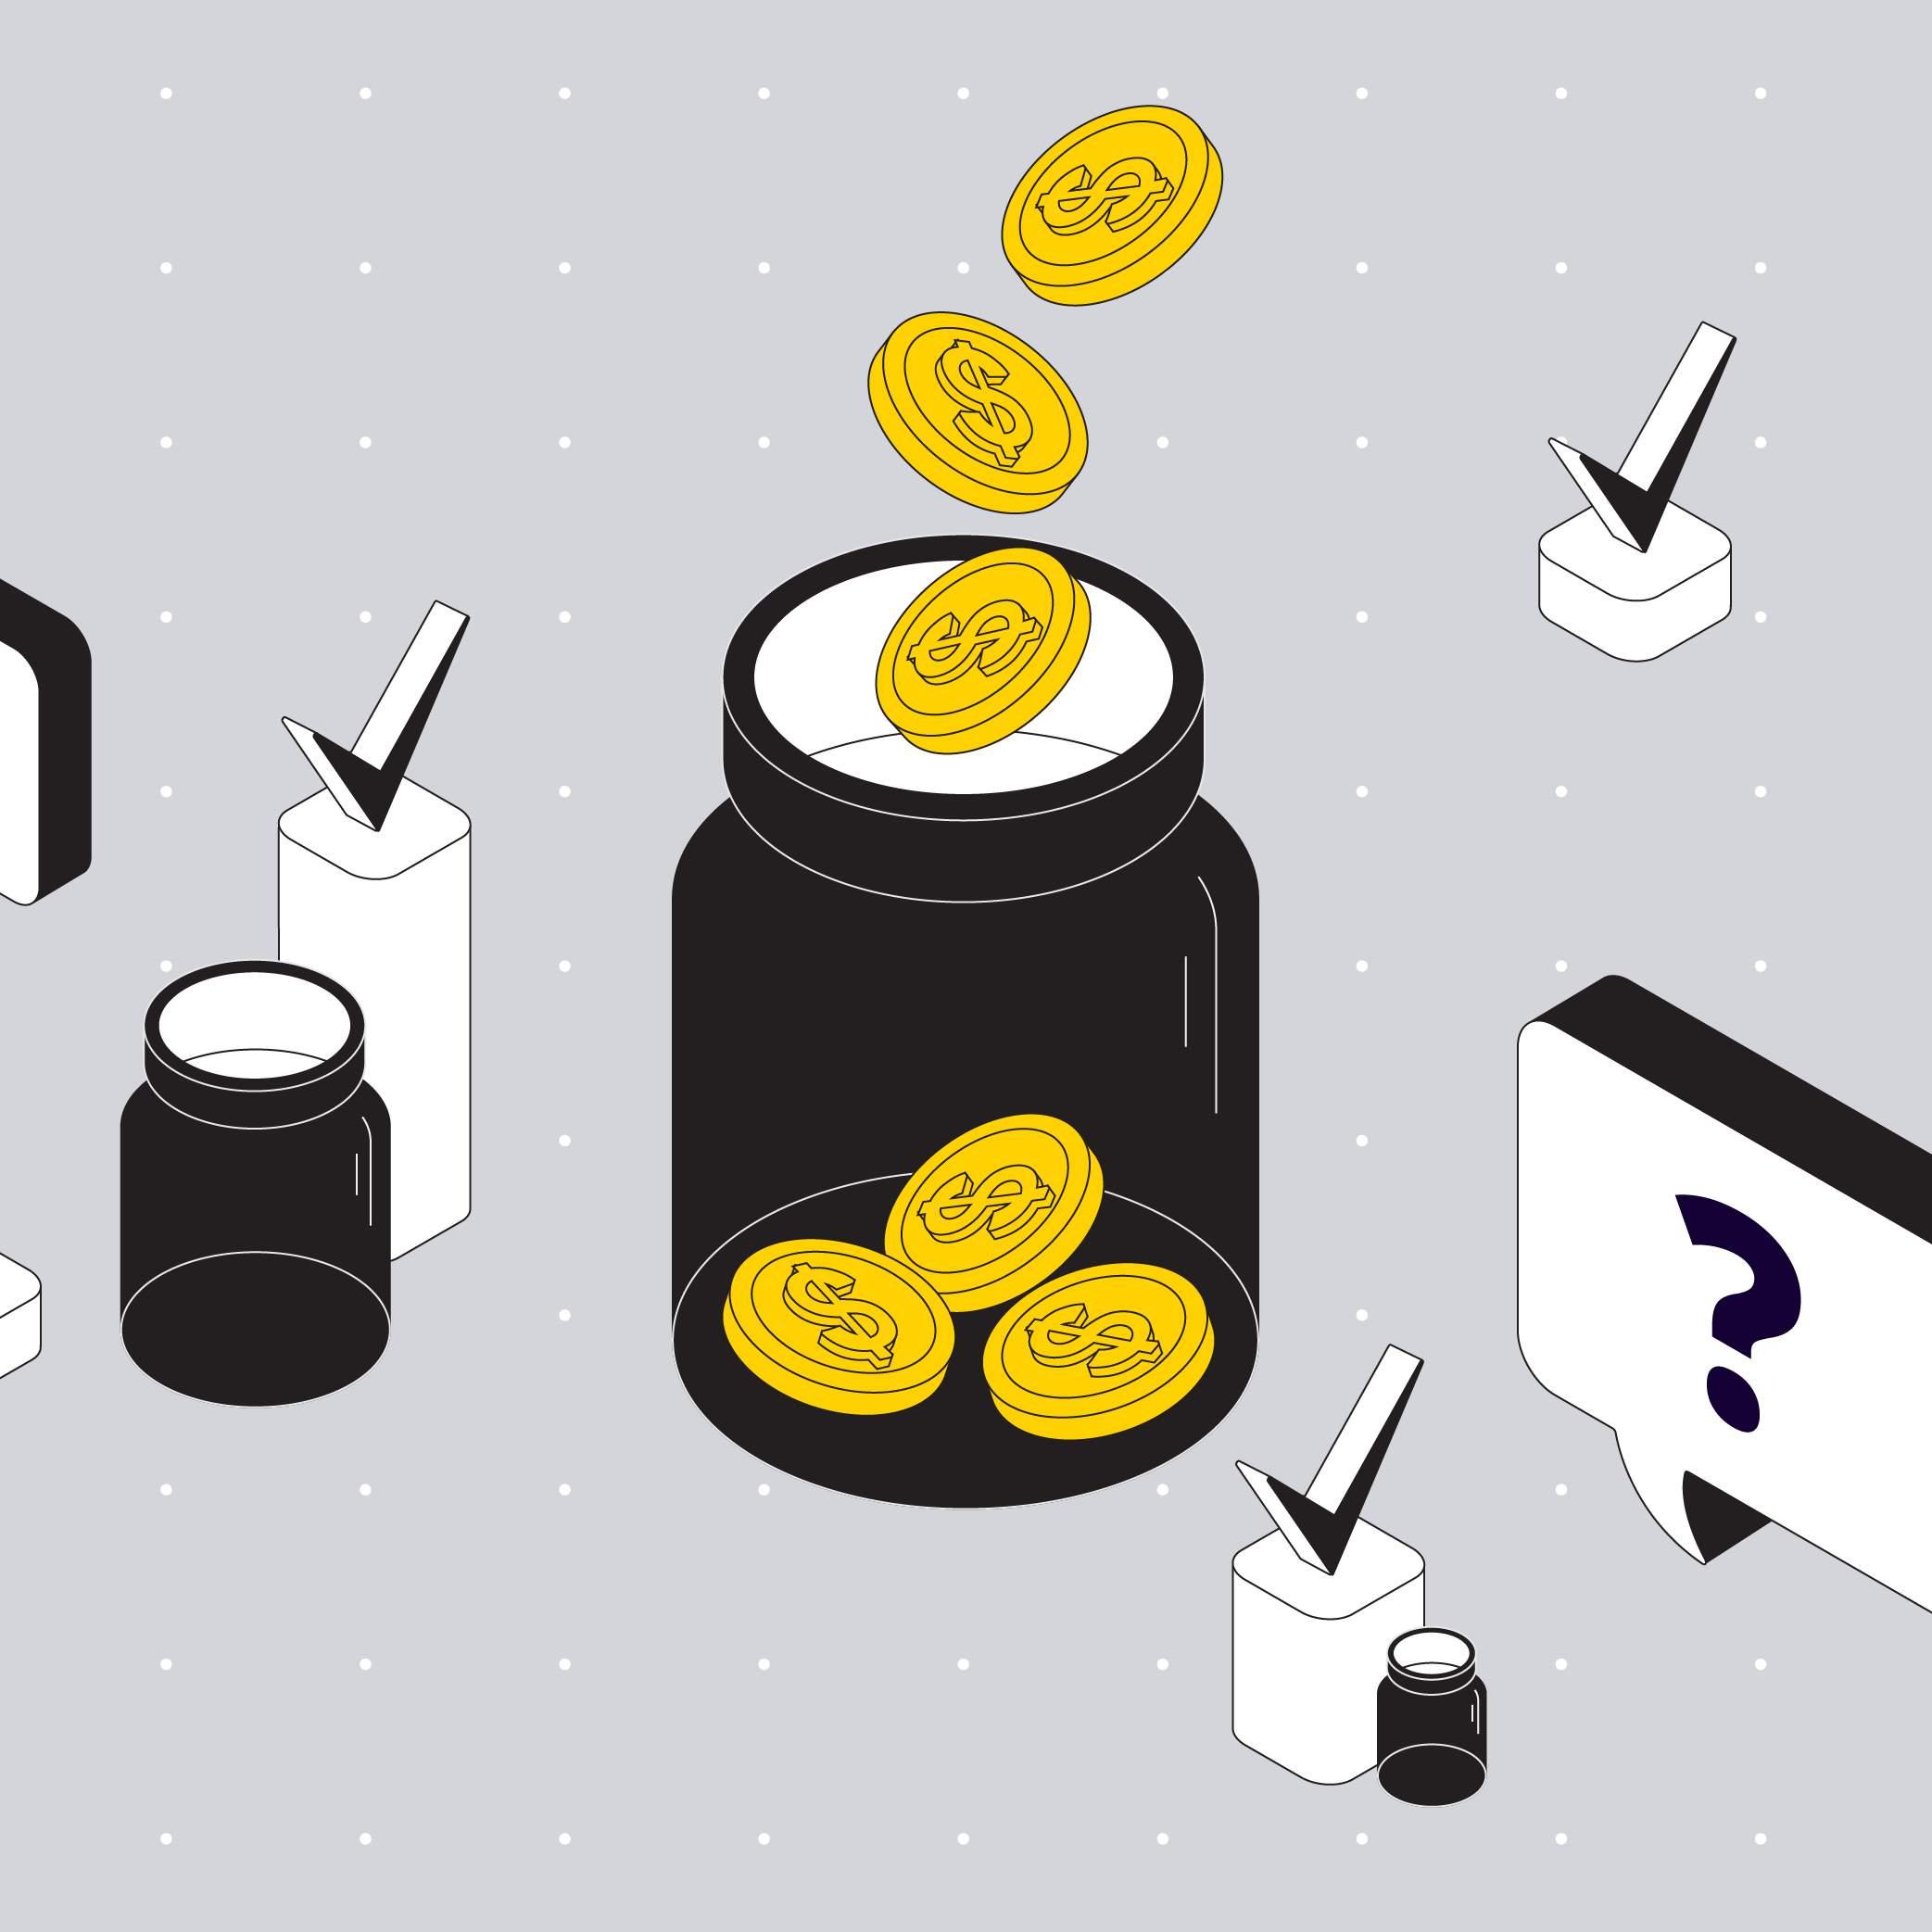 """Những """"rổ giữ tiền"""" nào nên cân nhắc trong hiện tại? Chuyên viên ngân hàng chia sẻ"""